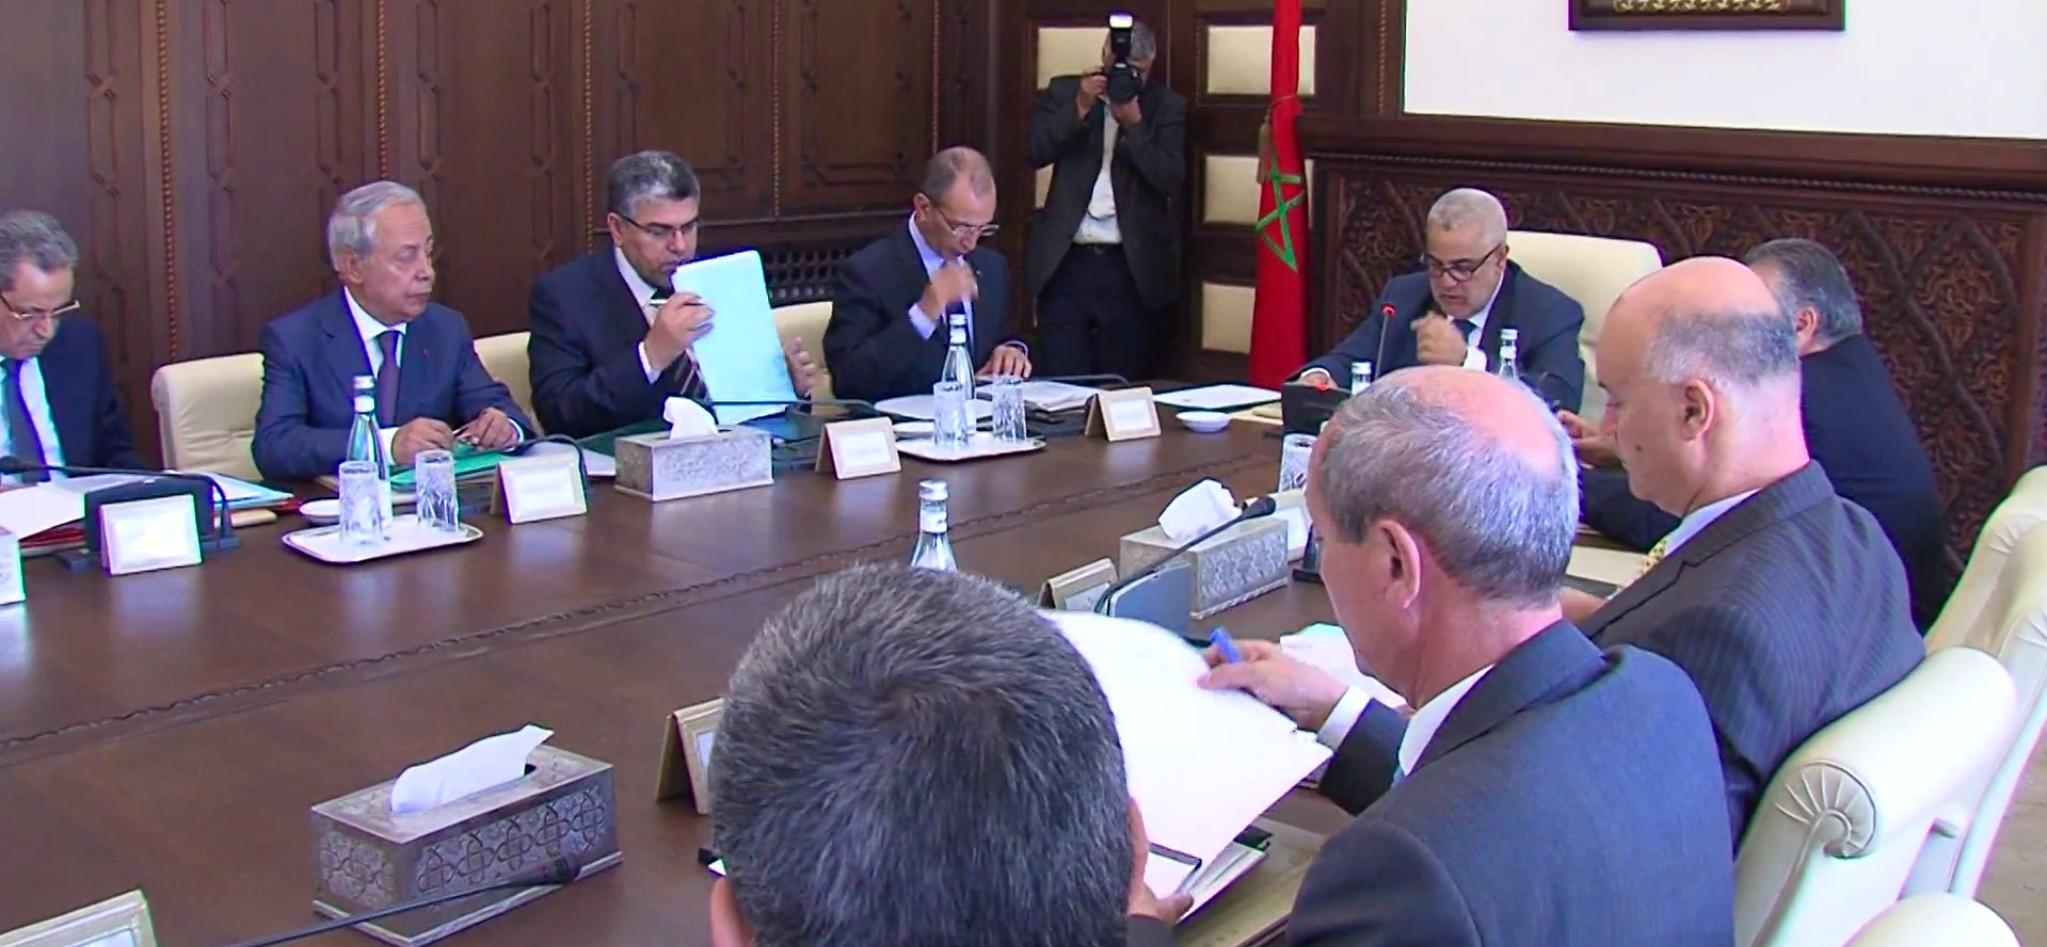 مجلس الحكومة يصادق على 11مشروع مرسوم تتعلق بالجهات والعمالات والانتخابات المقبلة